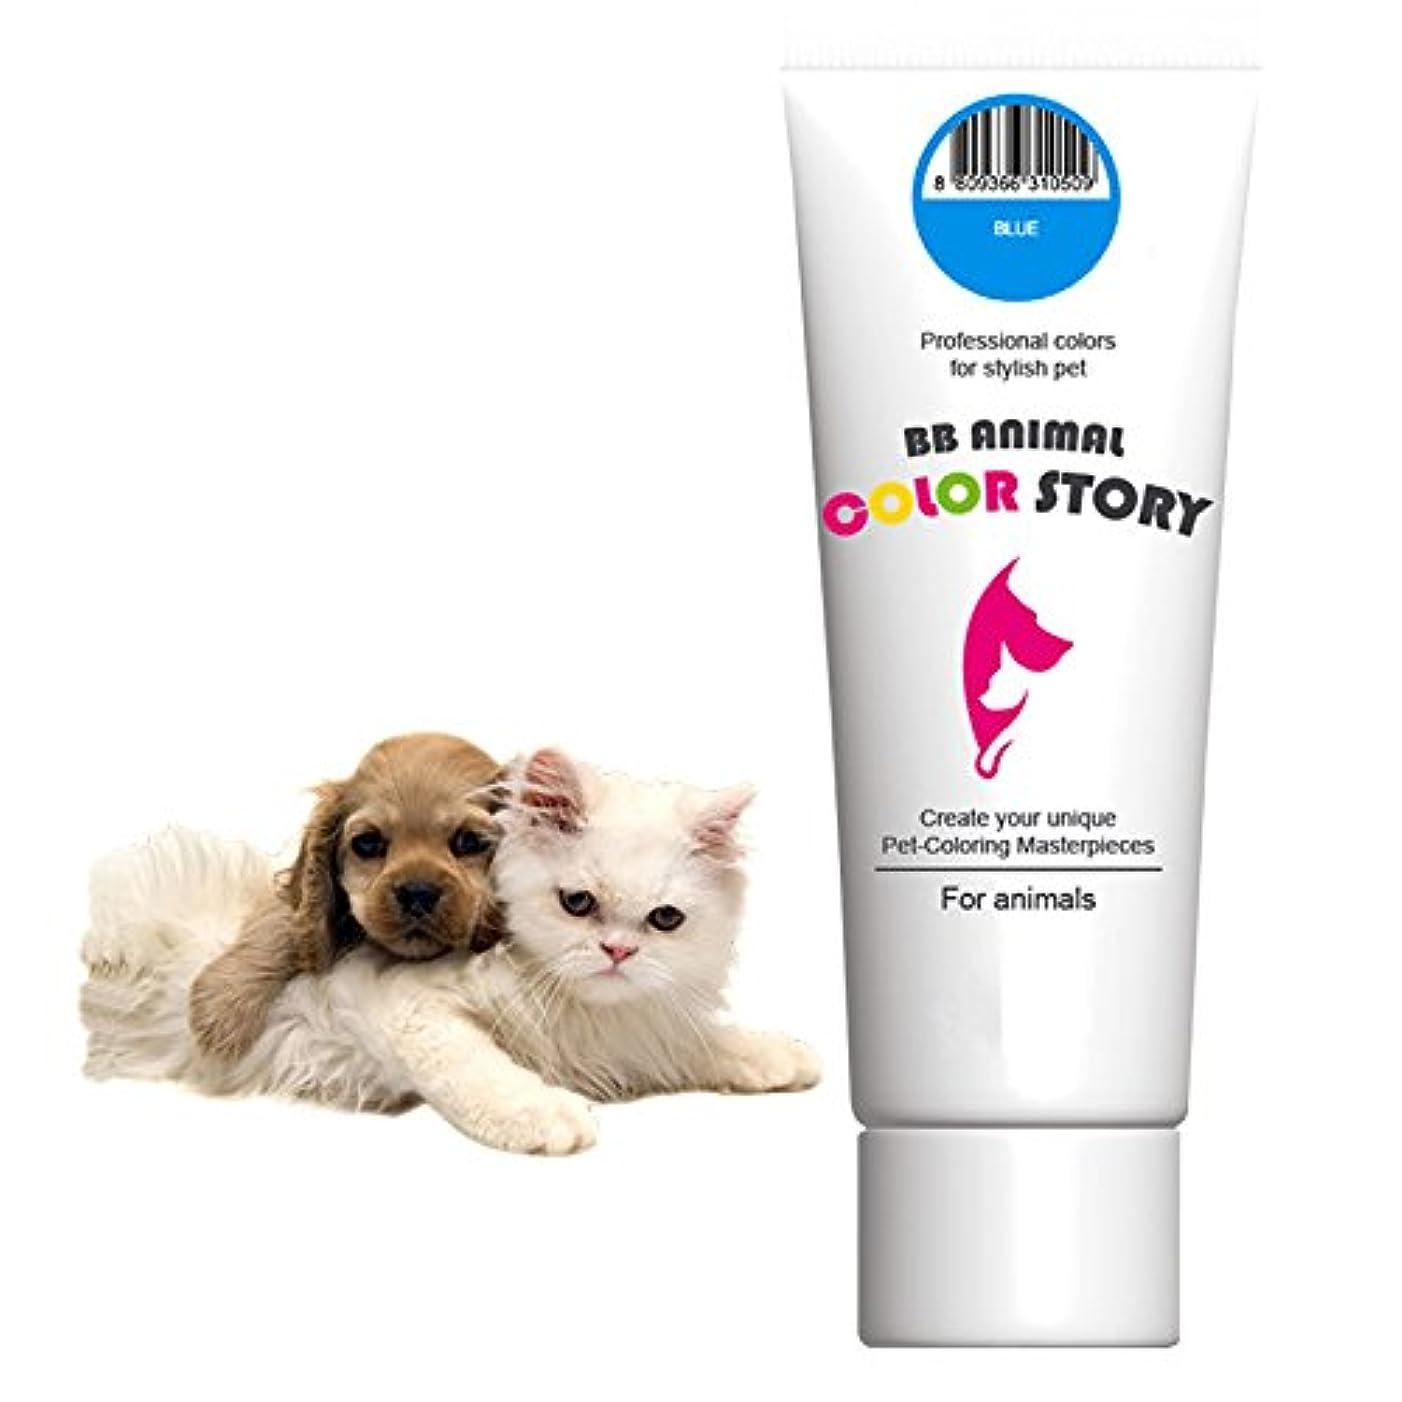 ドットキロメートル順番毛染め, 犬ヘアダイ, Blue, カラーリング Dog Hair Dye Hair Coloring Hair Bleach Stylish Pet 50ml Professional 並行輸入